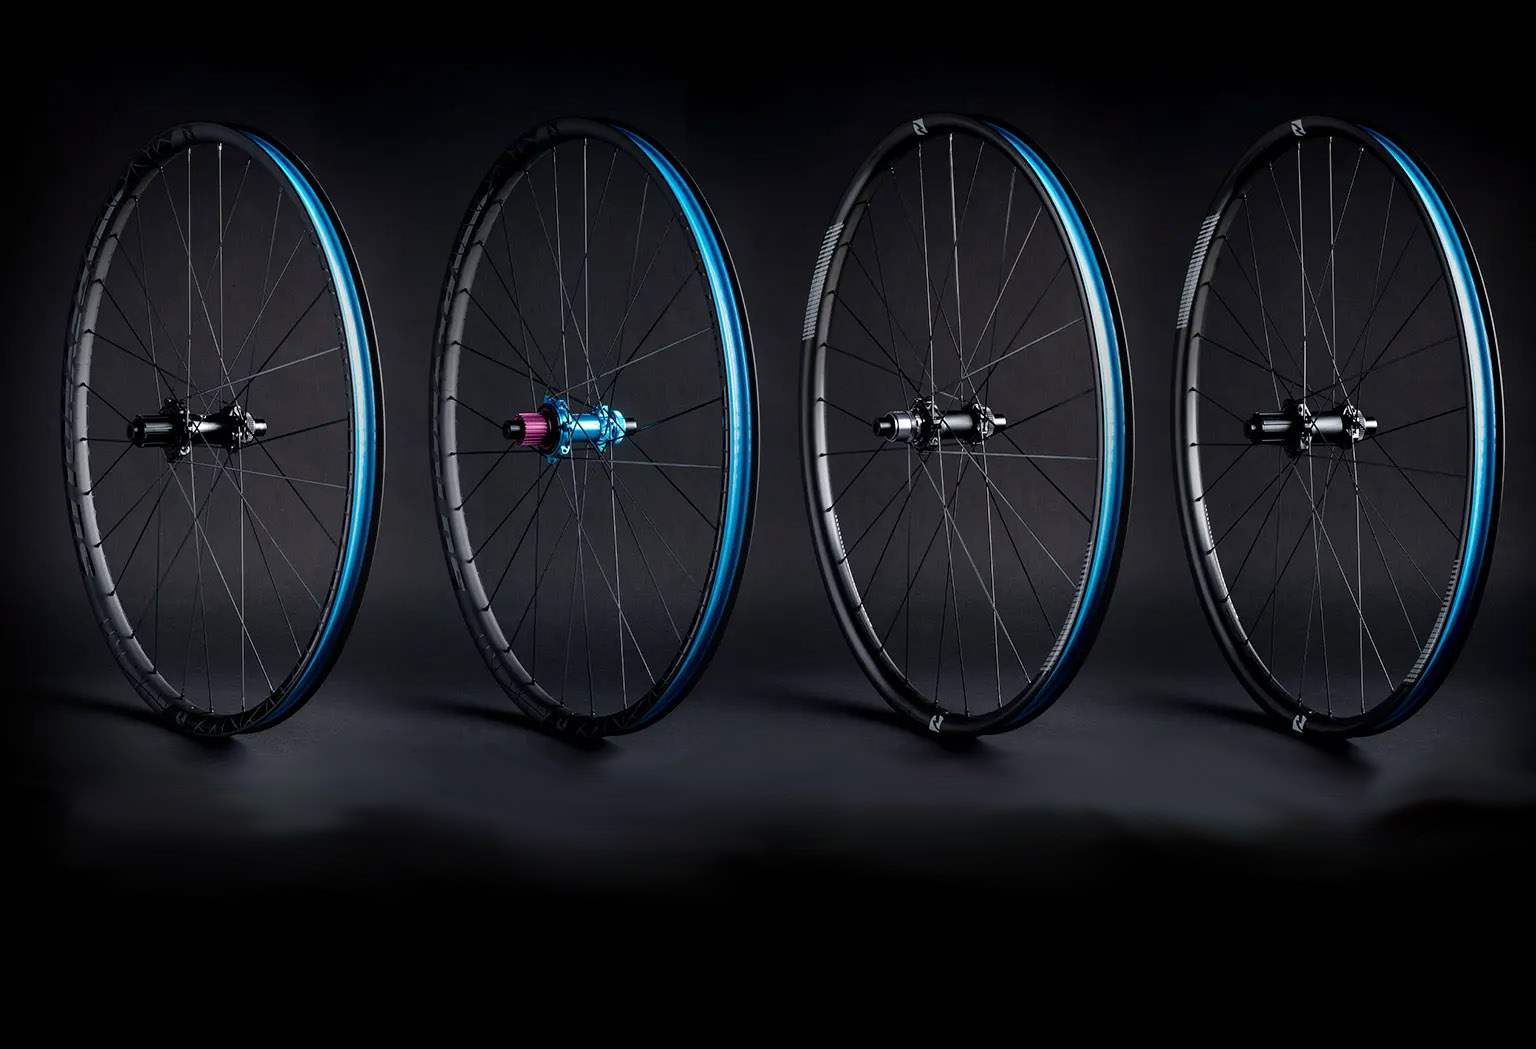 Le ruote Reynolds 309/289 XC montano cerchi specifici anteriori e posteriori, mozzo LTD Ringlé Super Bubba X